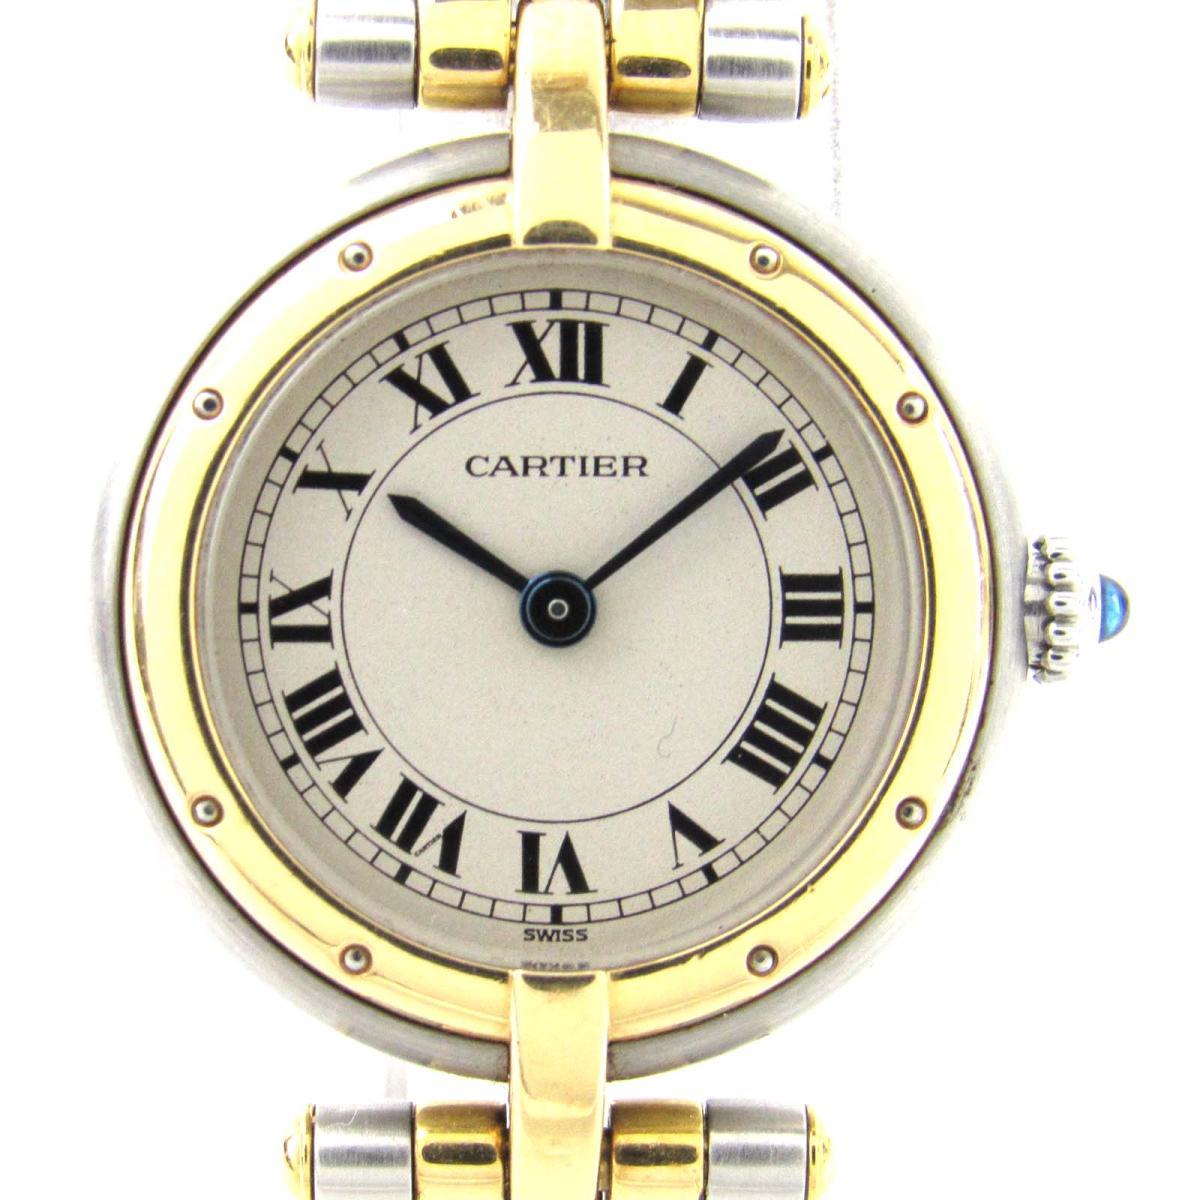 【中古】 カルティエ パンテール パンテール 2ロウ ウォッチ 腕時計 レディース K18YG (750)イエローゴールド X ステンレススチール (SS) | Cartier クオーツ クォーツ 時計 K18 18K 18金 パンテール2ロウ 美品 ブランドオフ